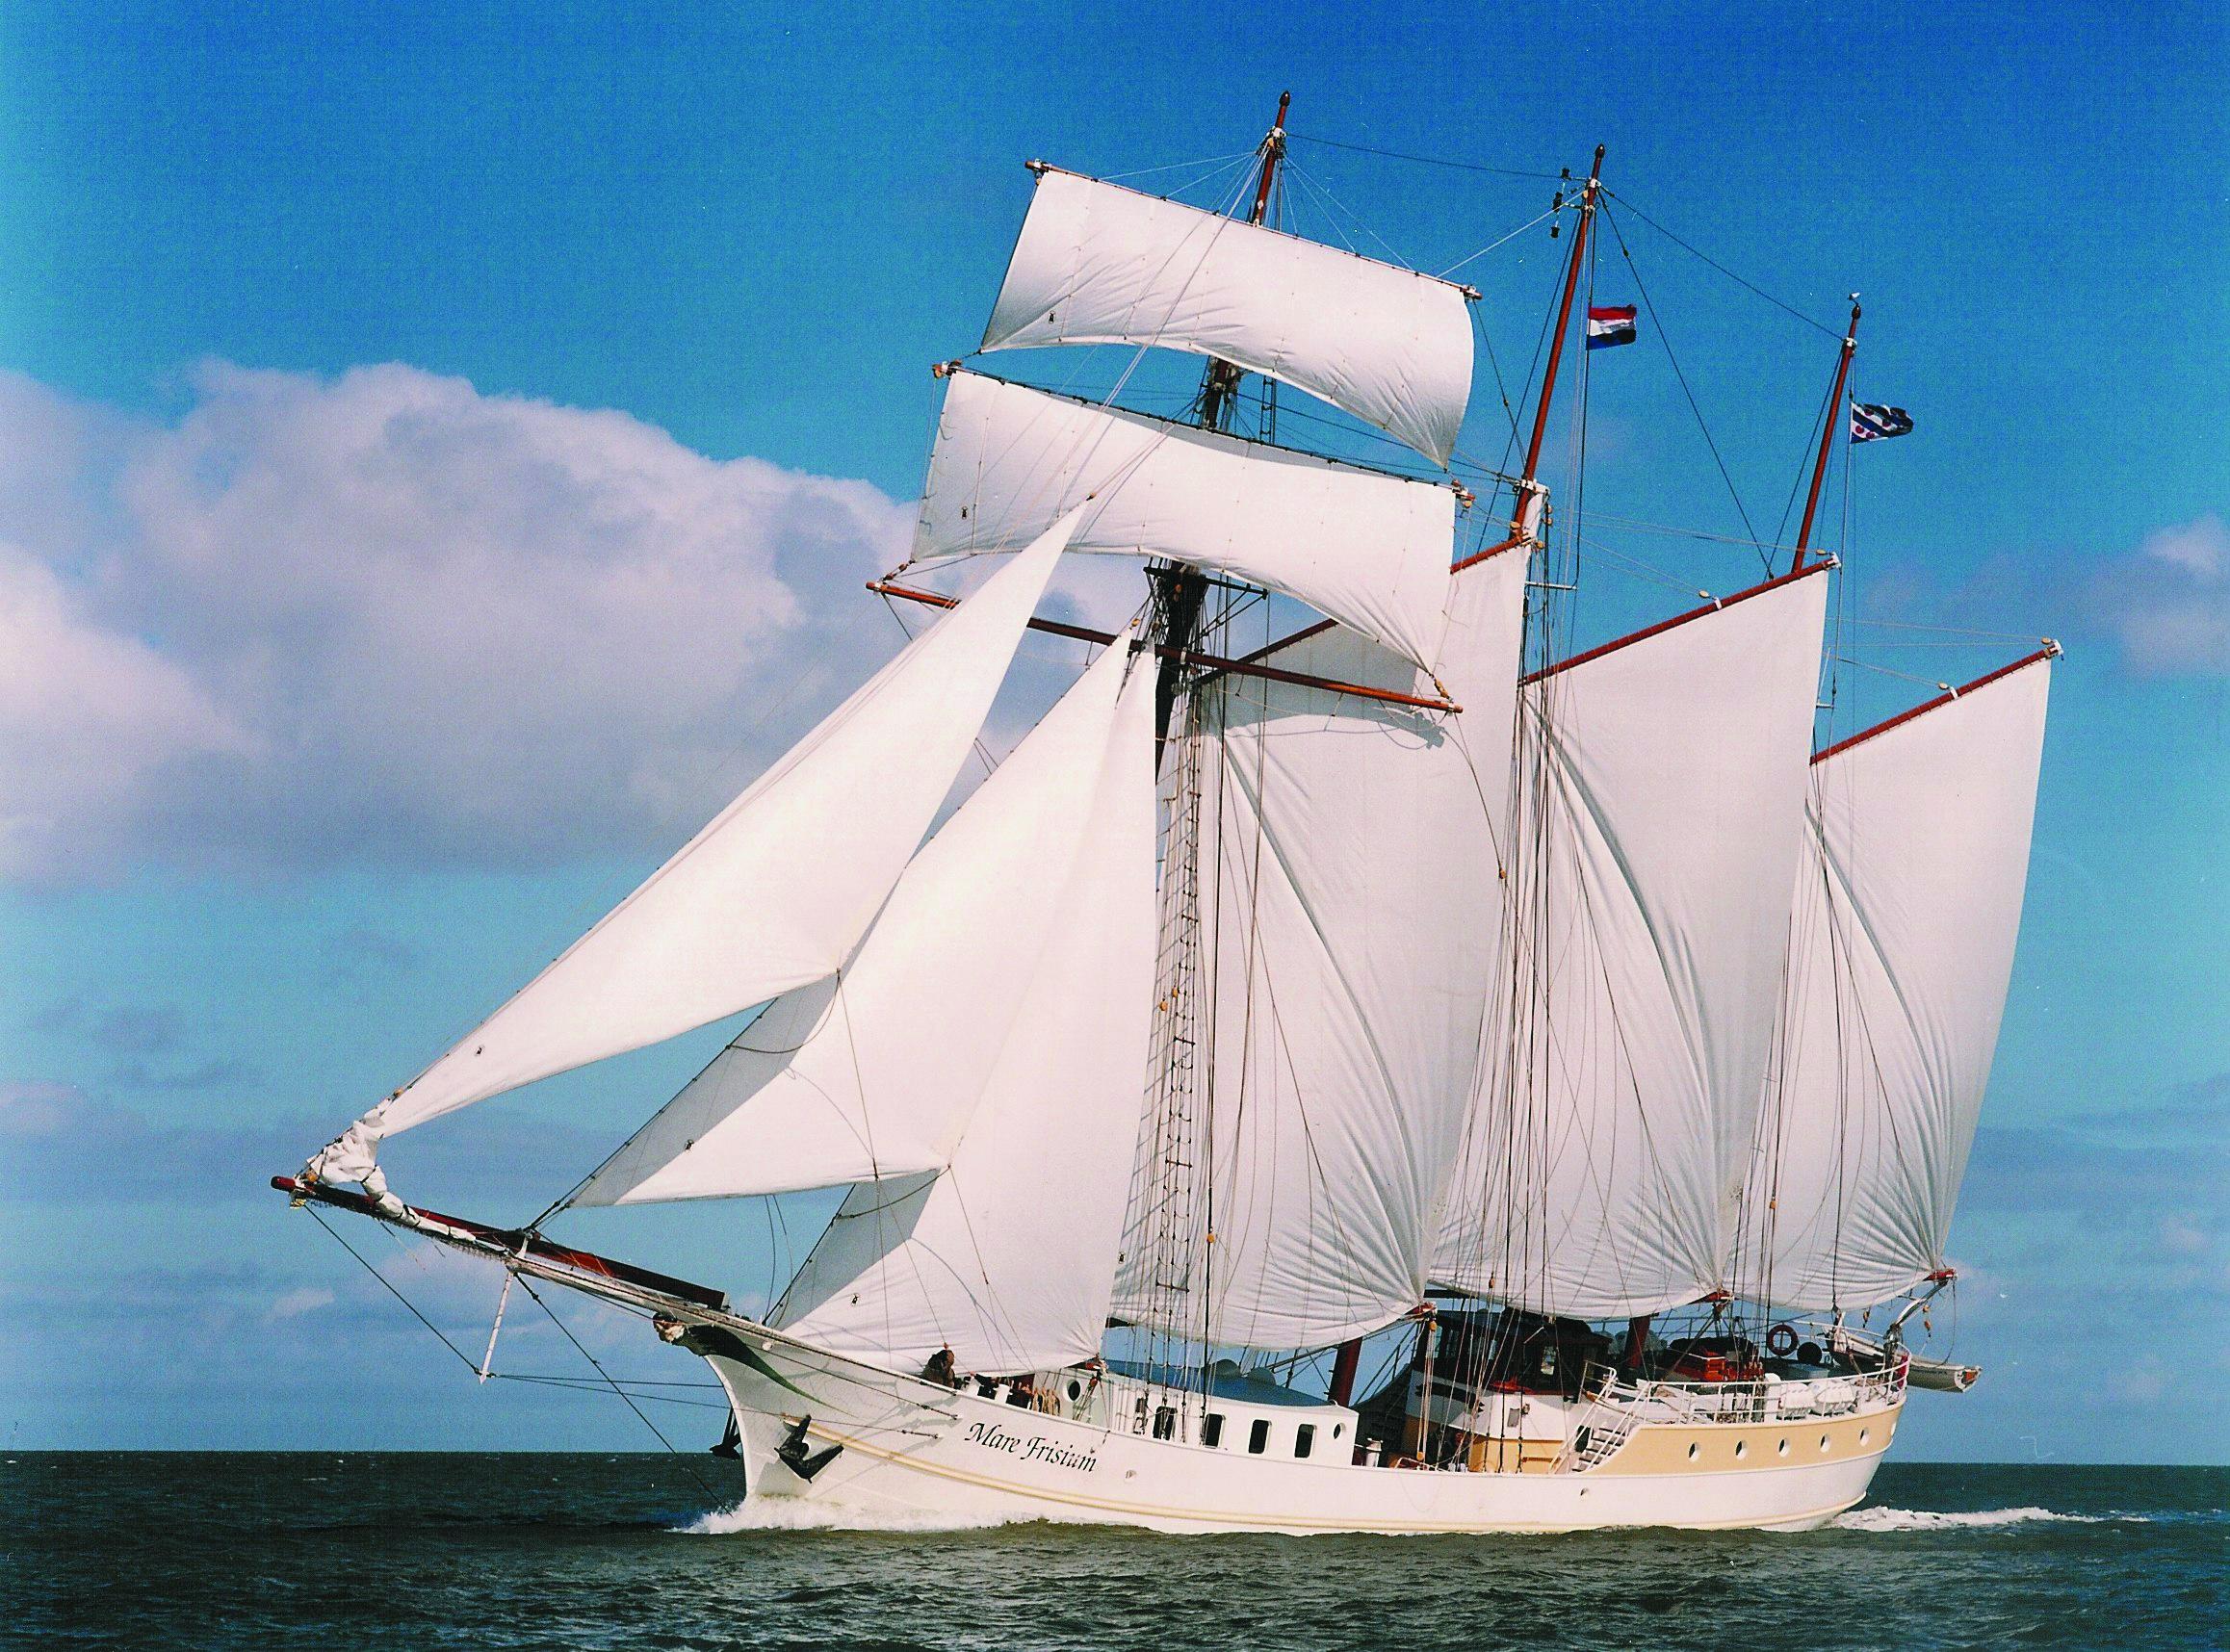 Segelschiffe auf dem meer  Segelschiff – Wikipedia